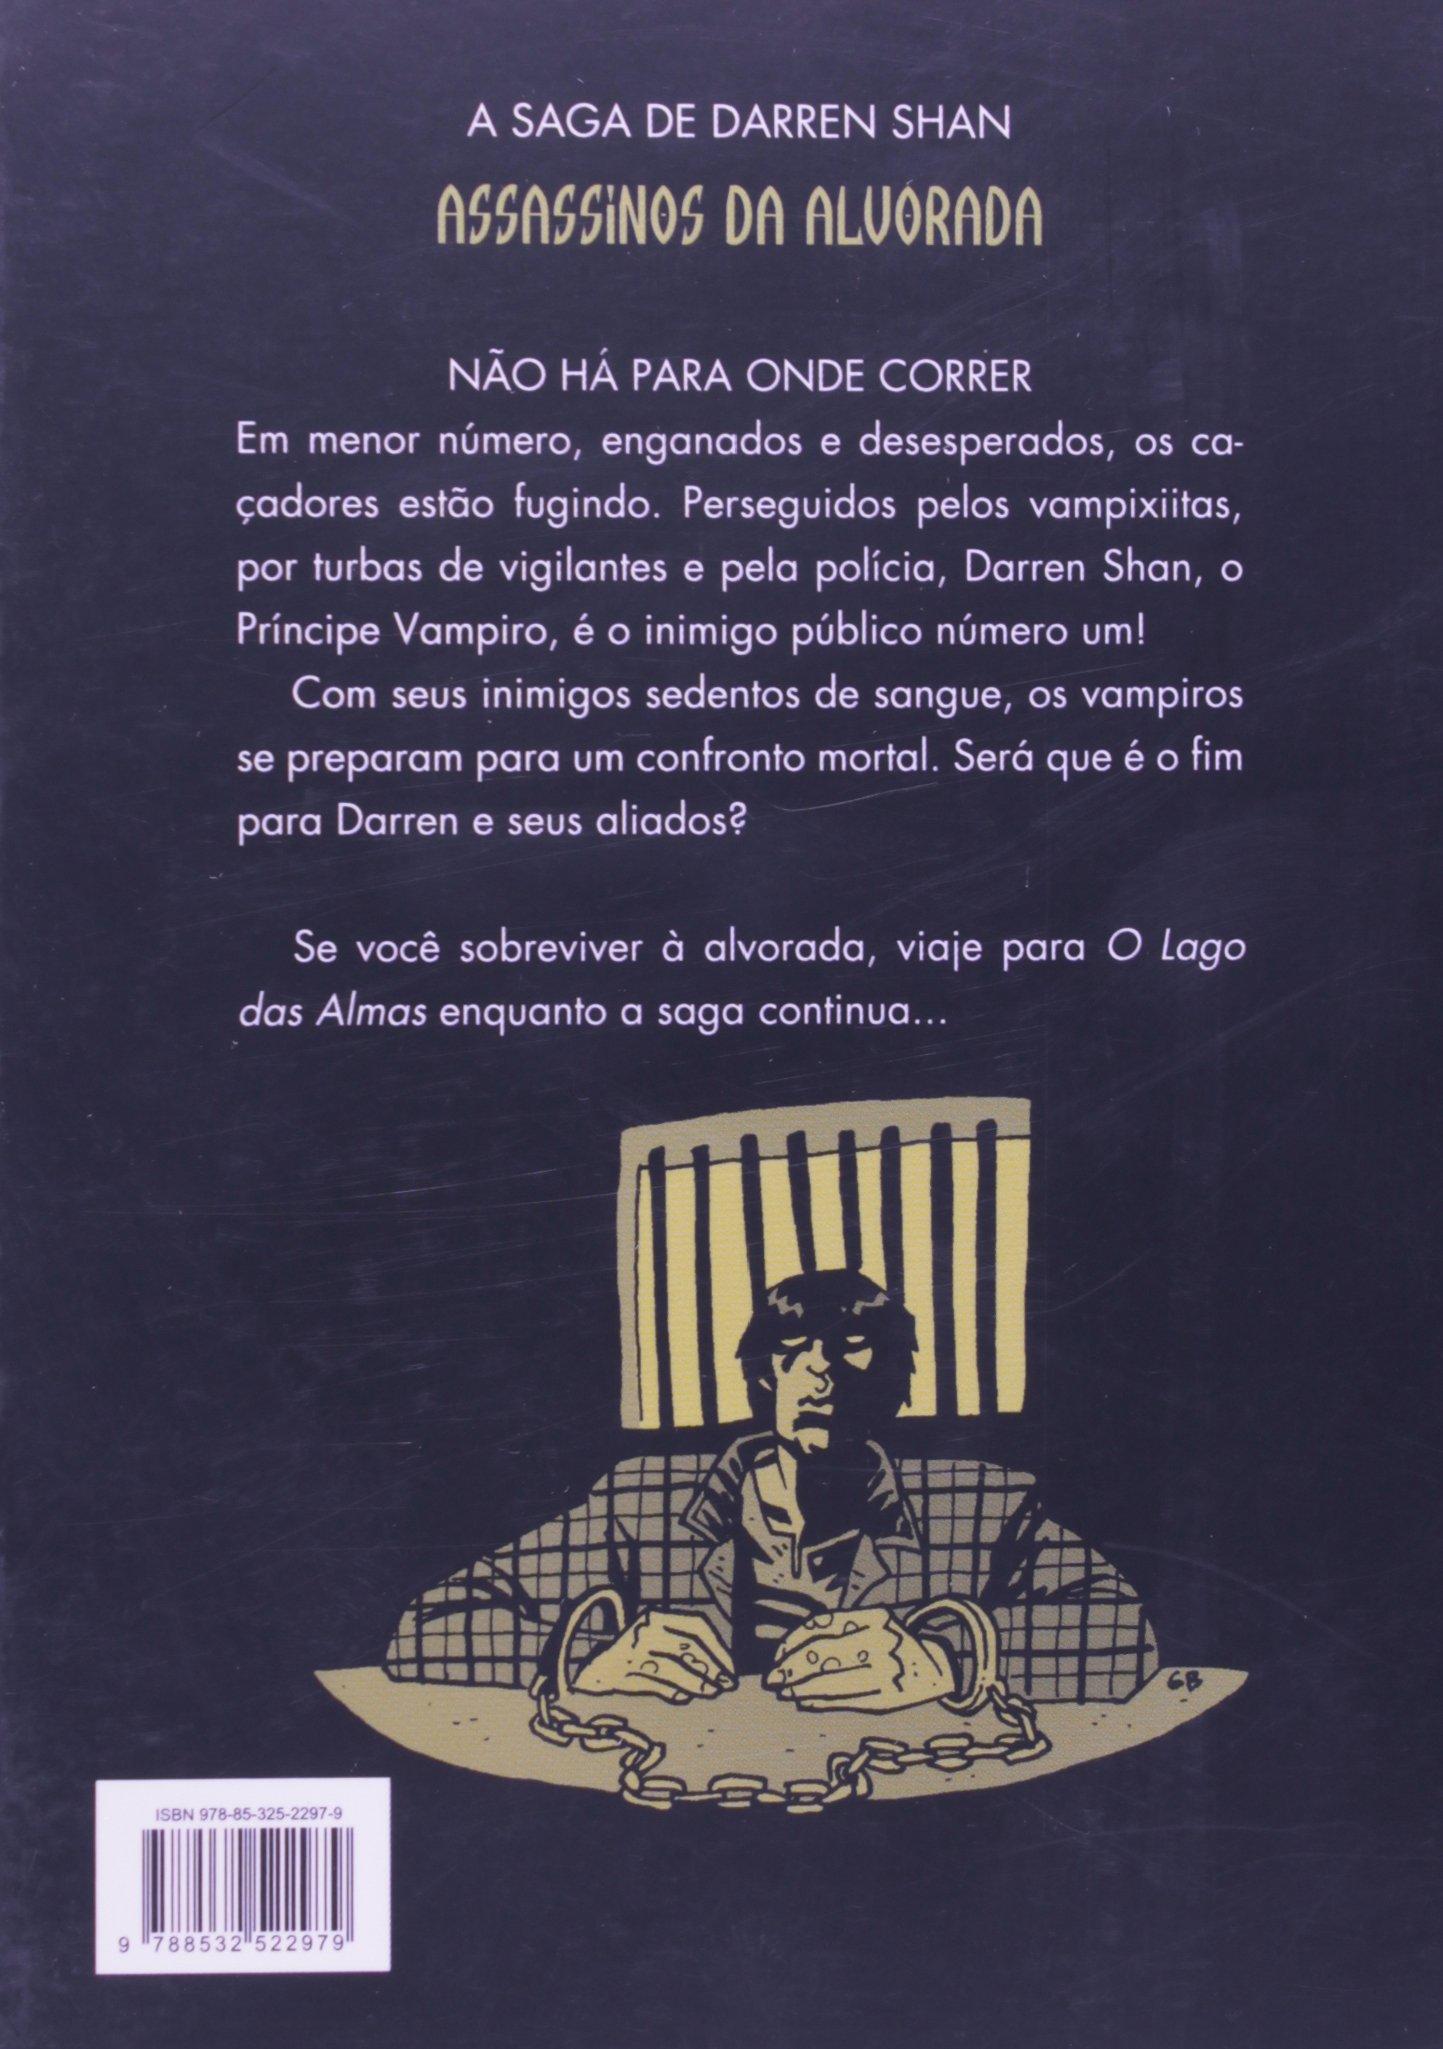 Assassinos da Alvorada. Os Caçadores Se Tornam a Caça - Volume 9 Em Portuguese do Brasil: Amazon.es: Darren Shan: Libros